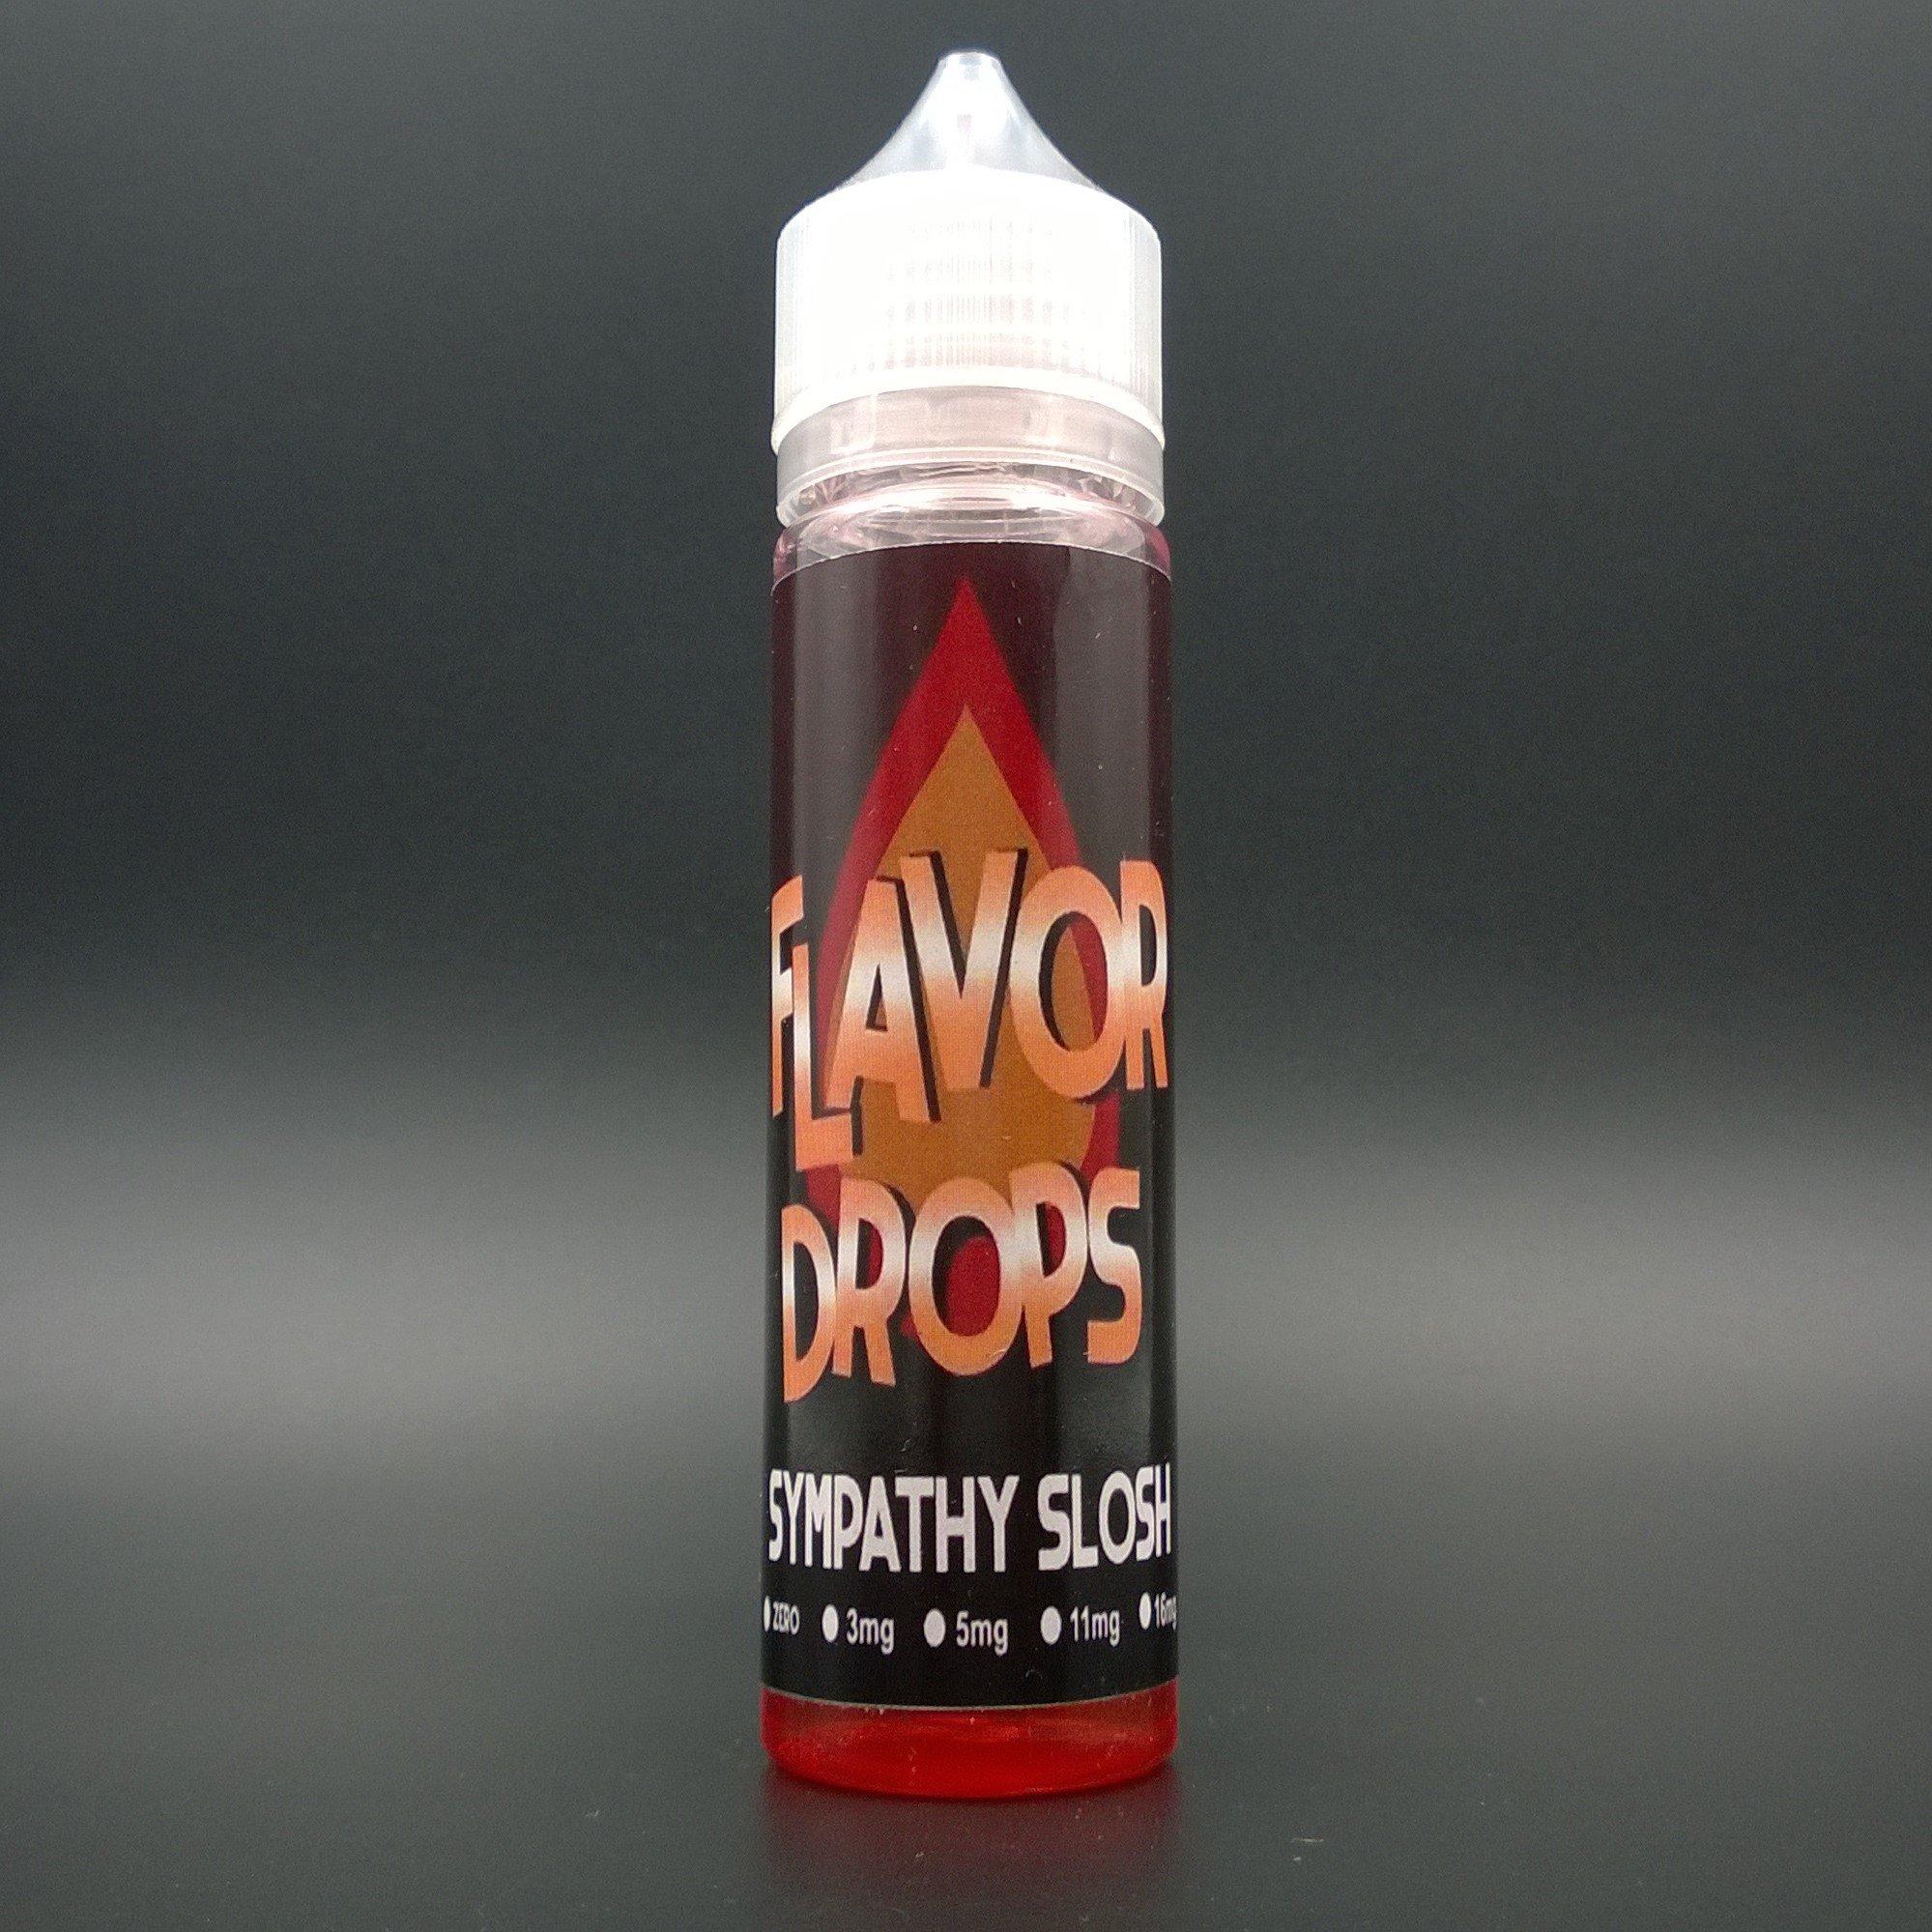 Sympathy Slosh 50ml - Flavor Drops